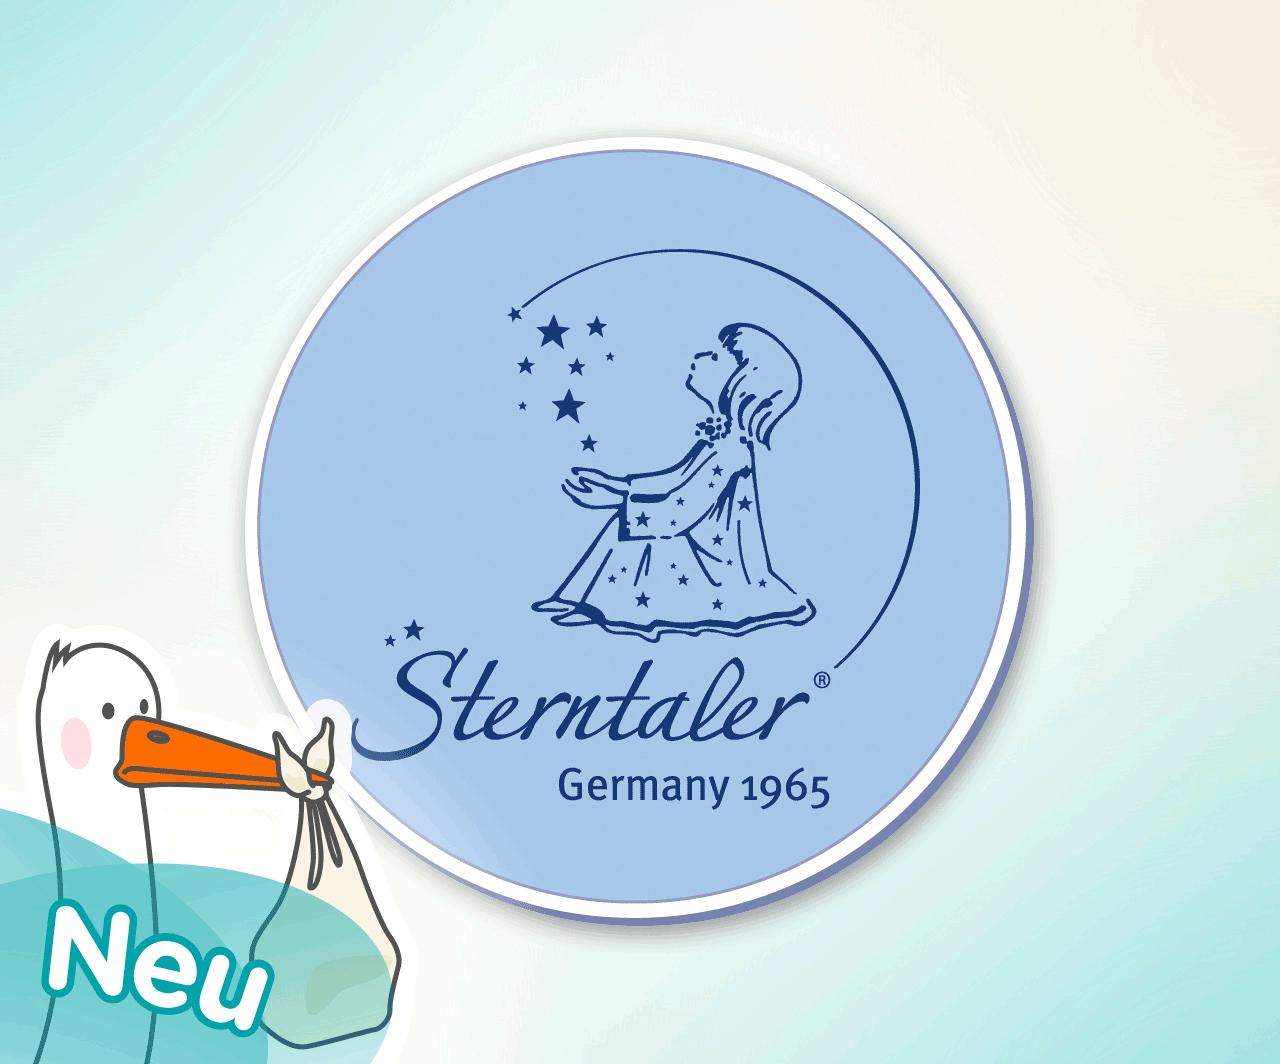 25% bei Sterntaler.com über die Pampers-Club Prämien